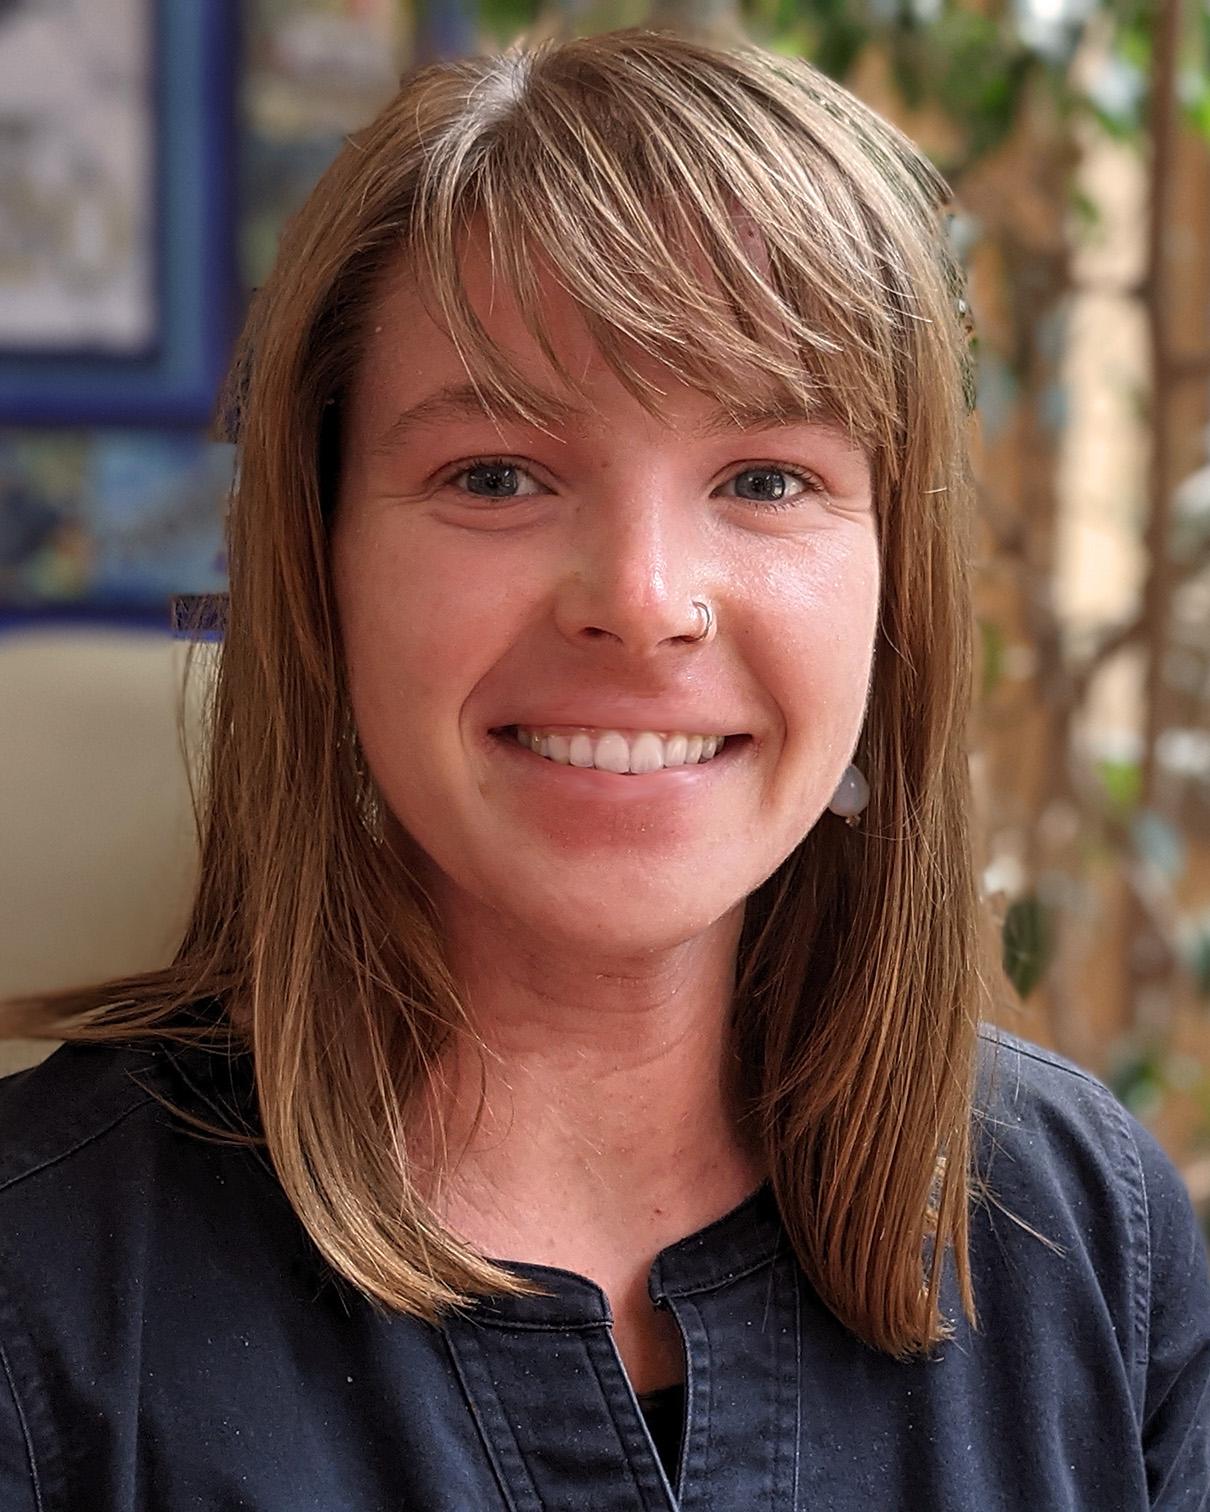 Mackenzie Peterson